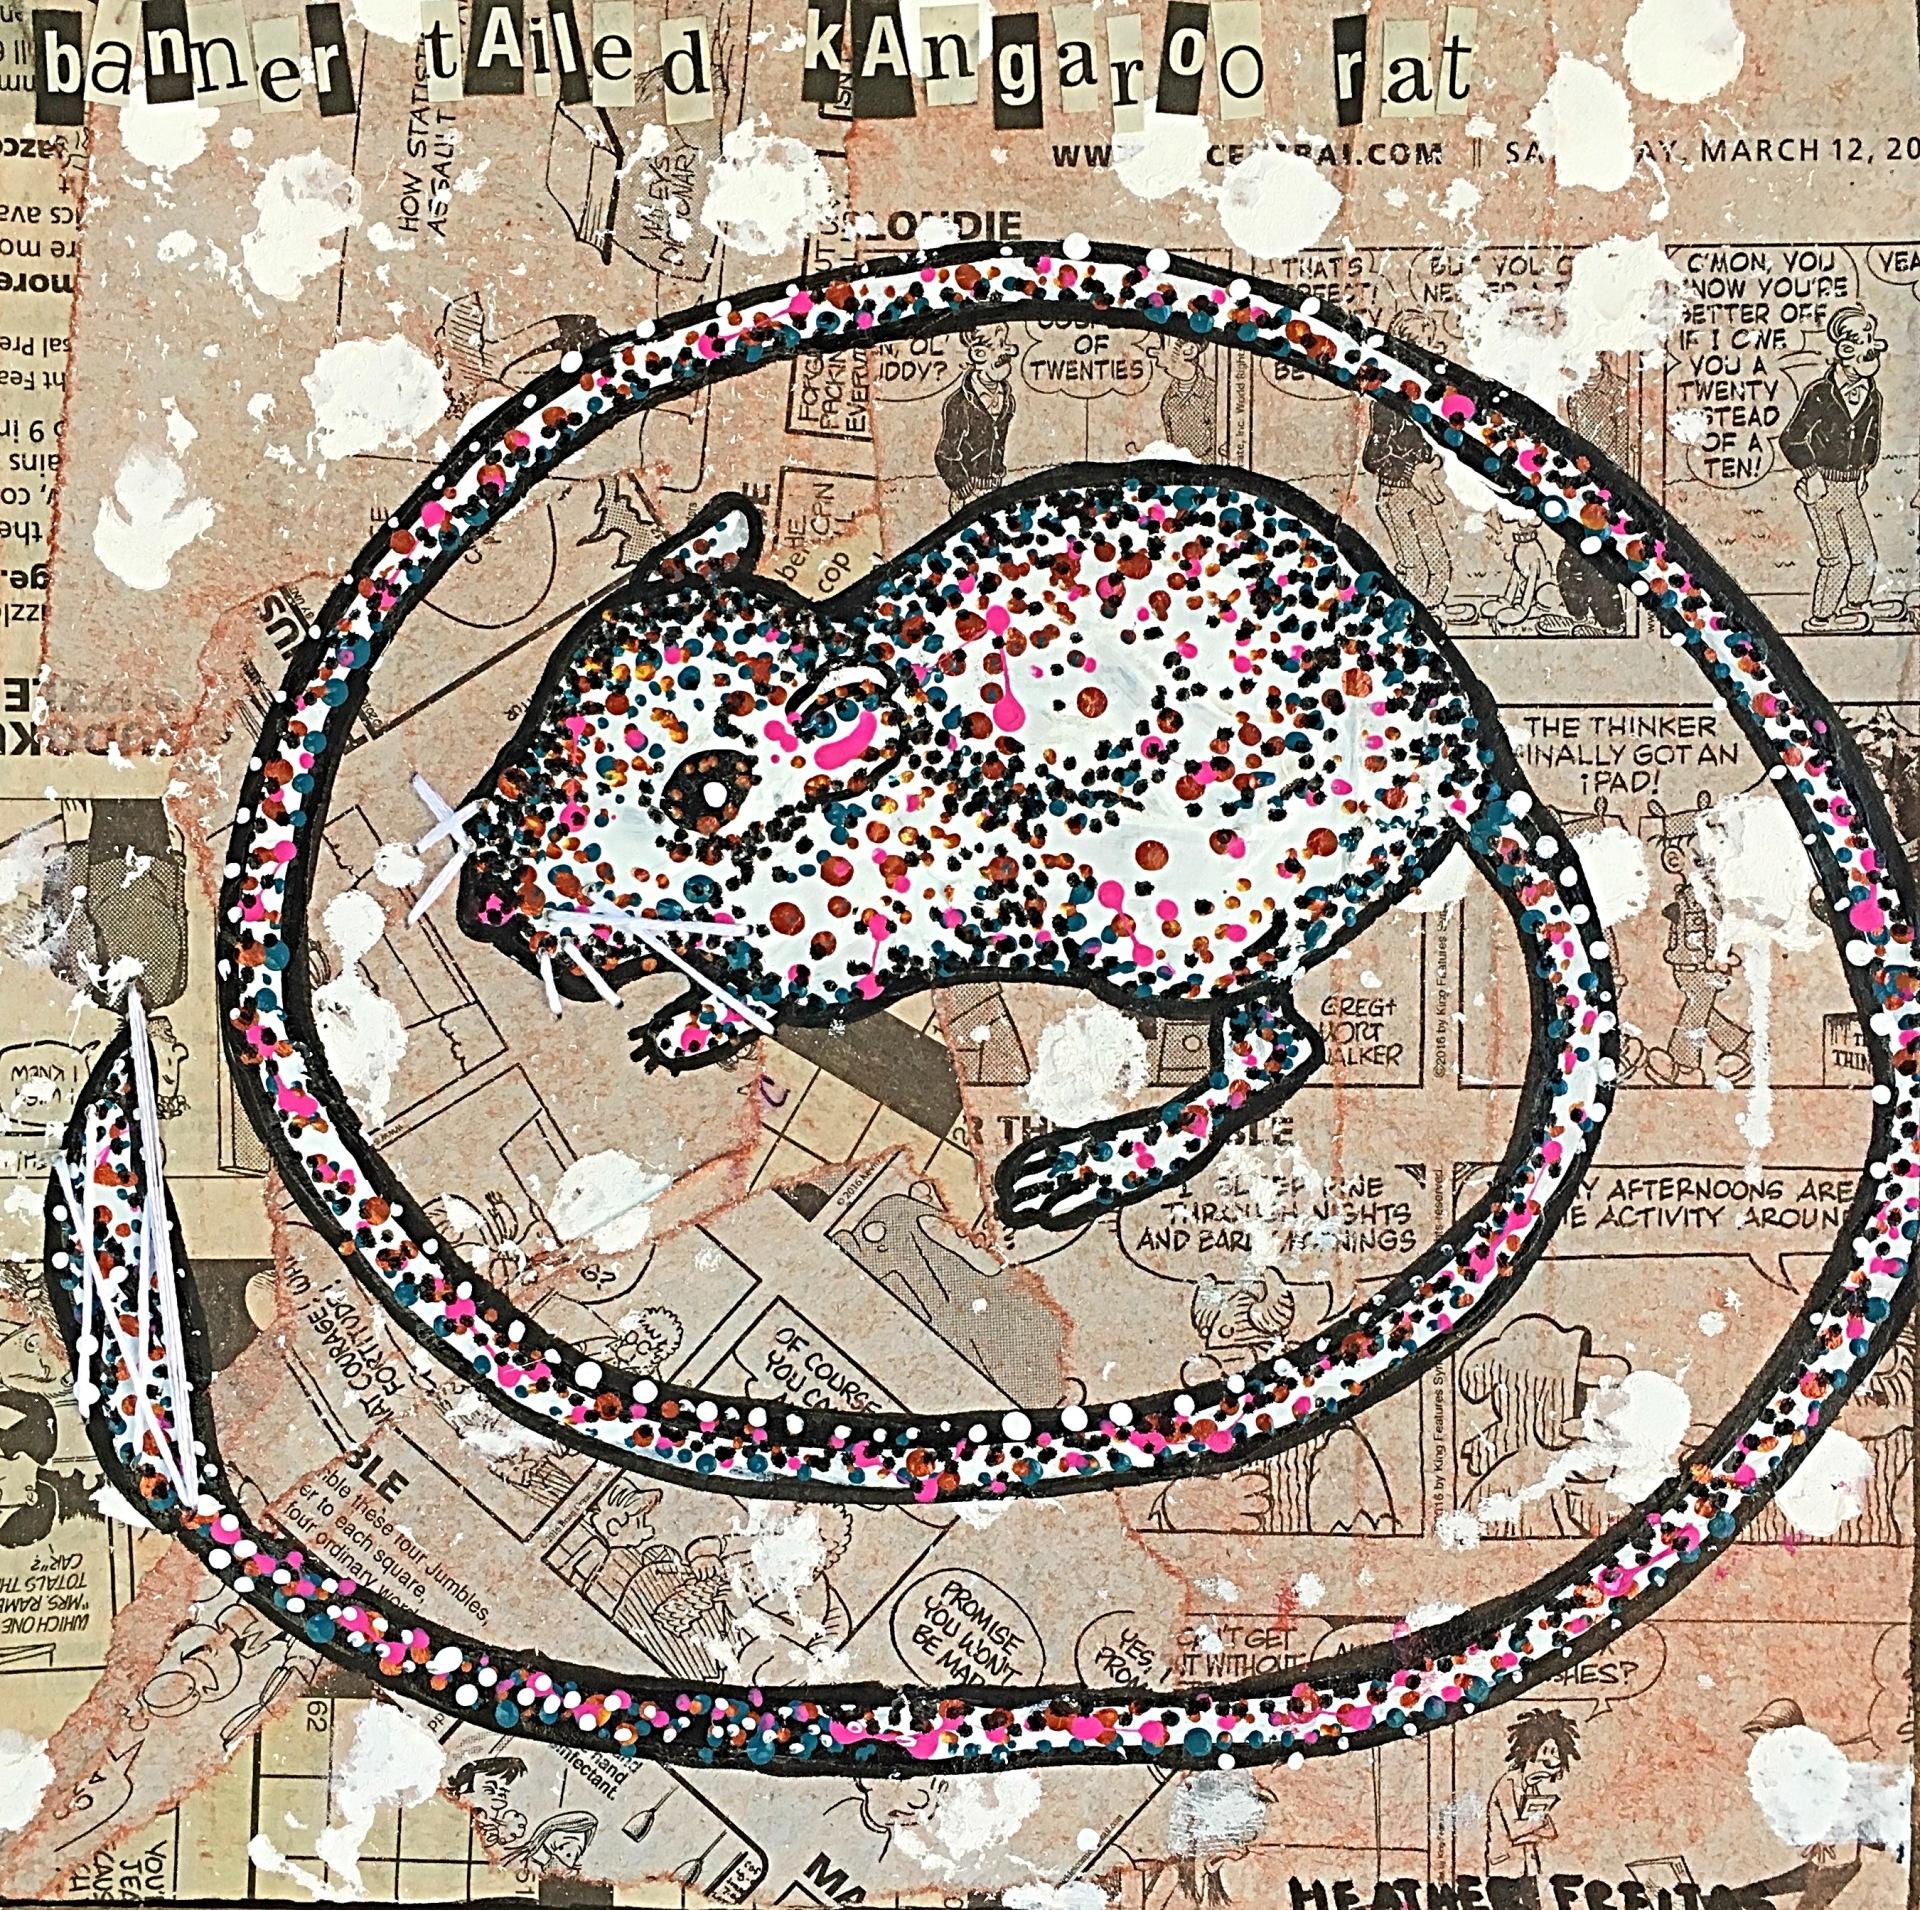 Banner Tailed Kangaroo Rat